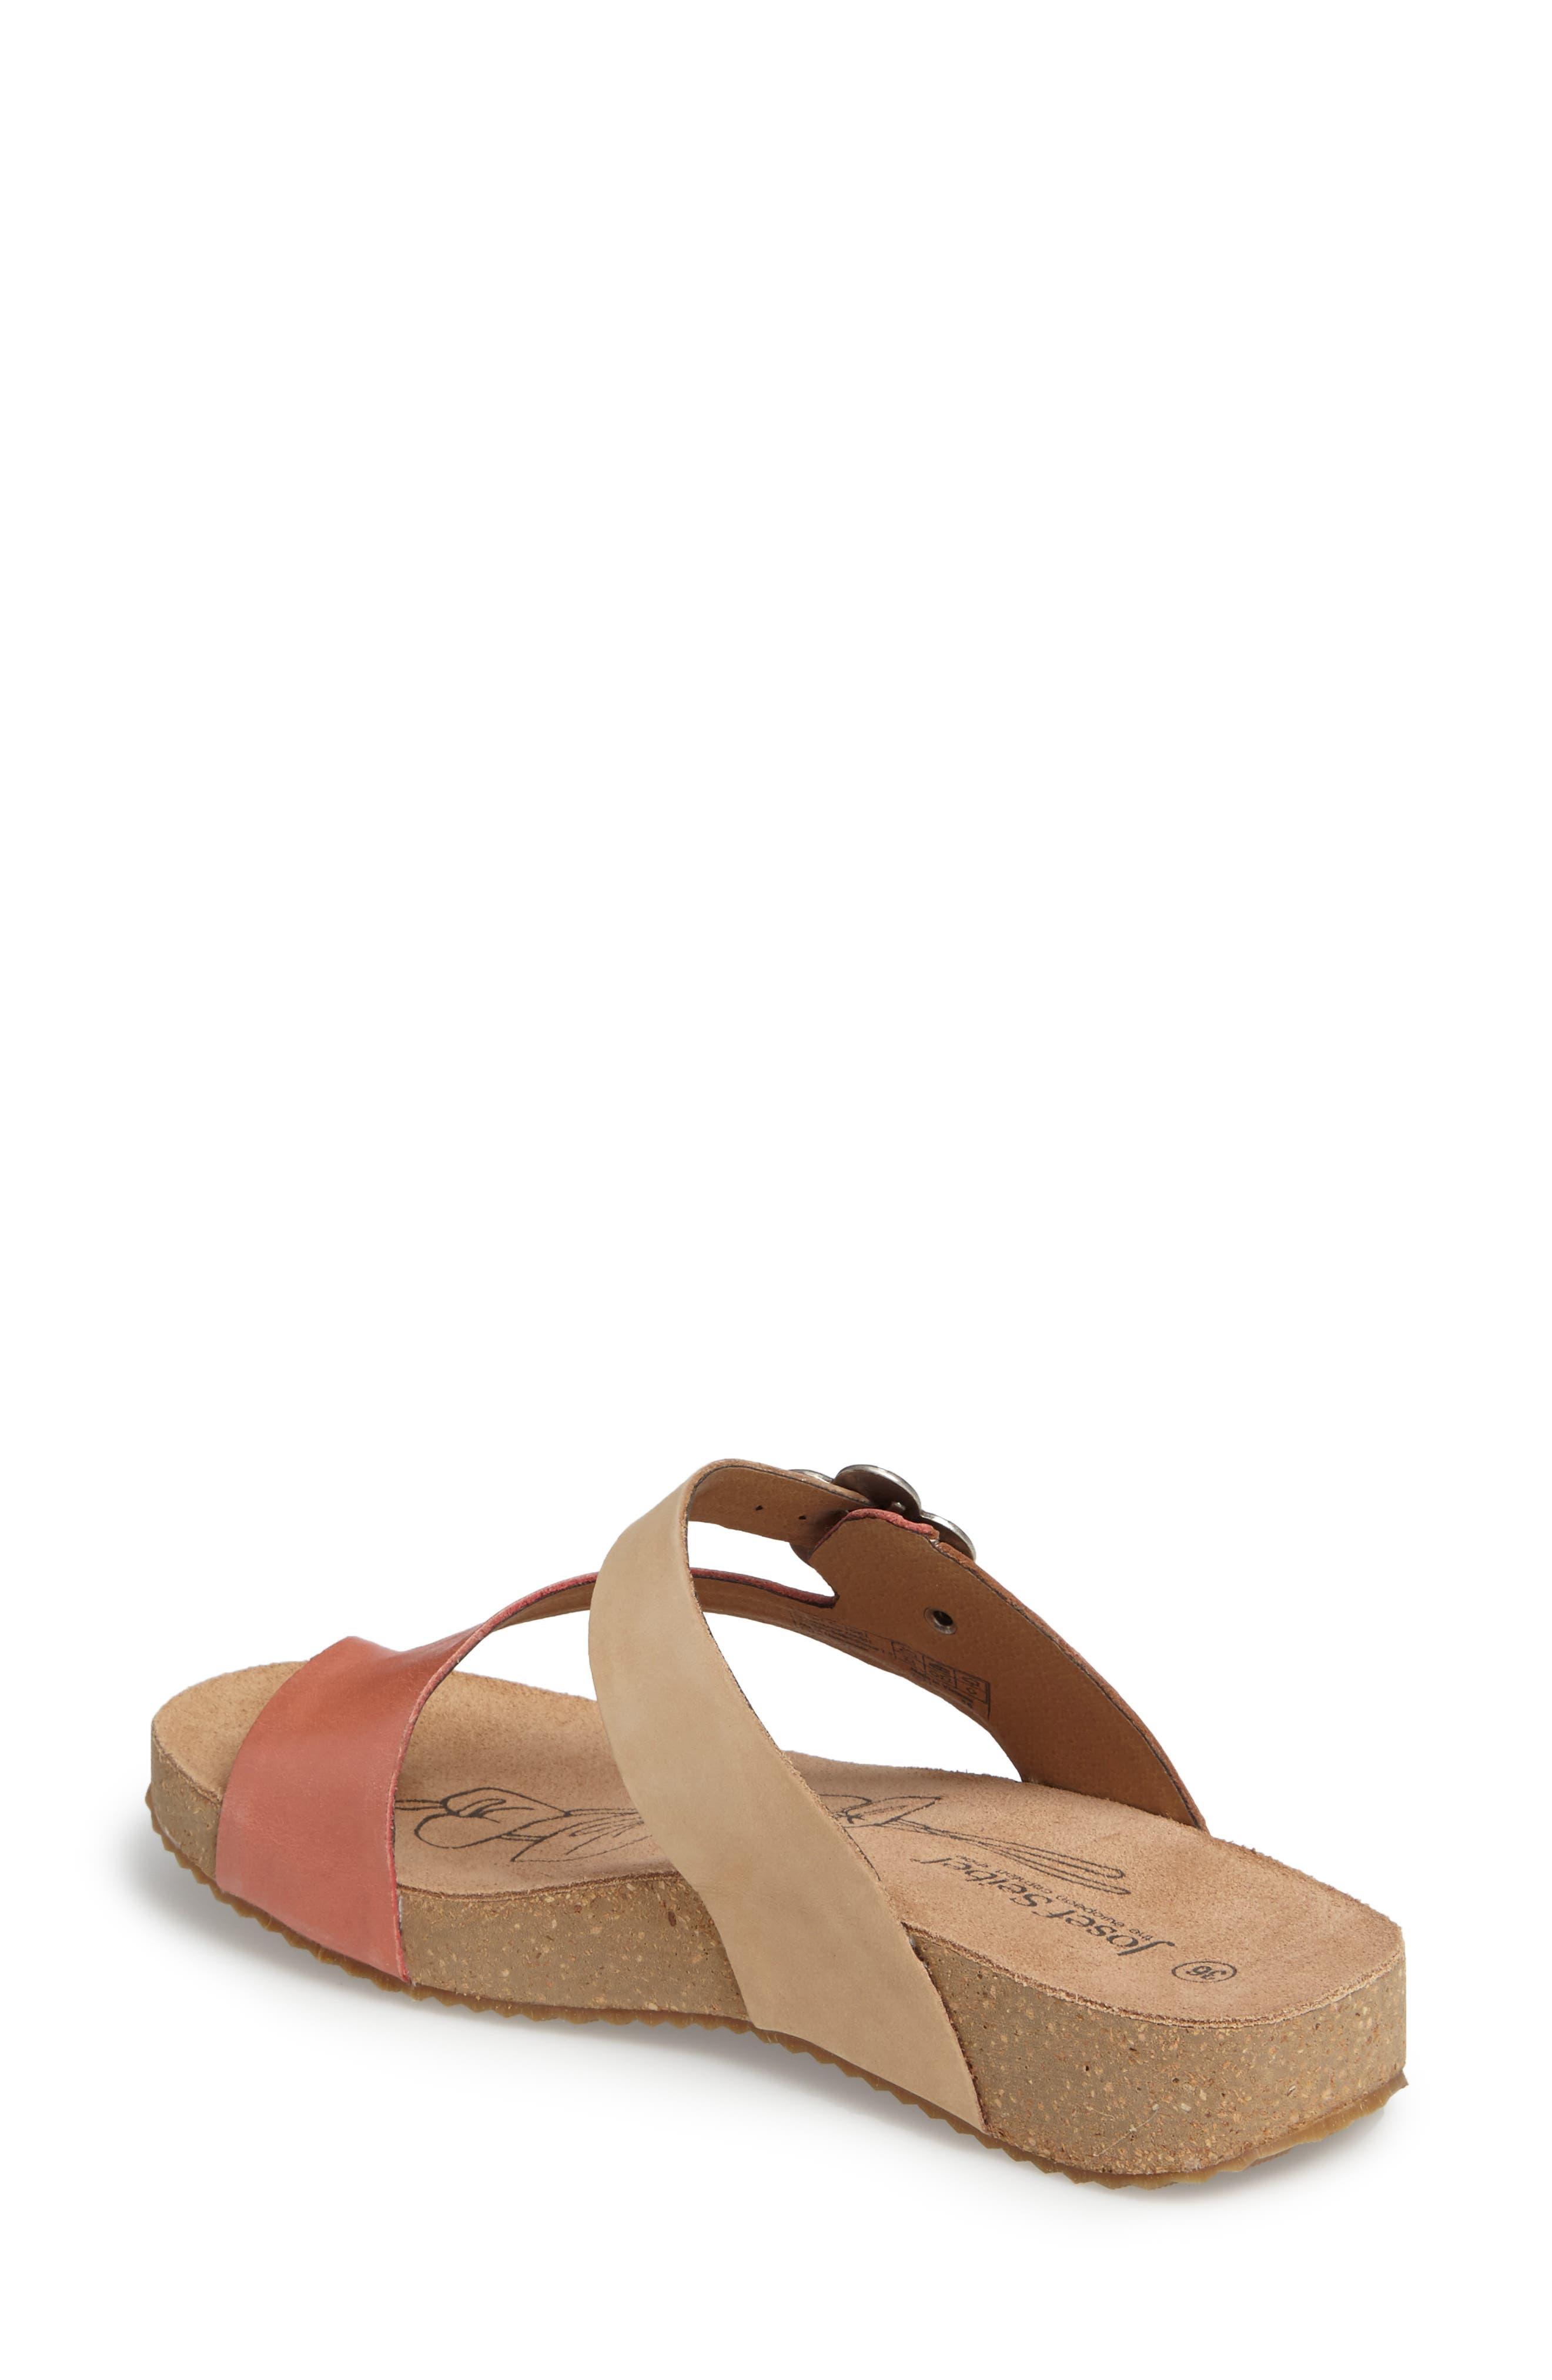 Alternate Image 2  - Josef Seibel Tonga 23 Sandal (Women)